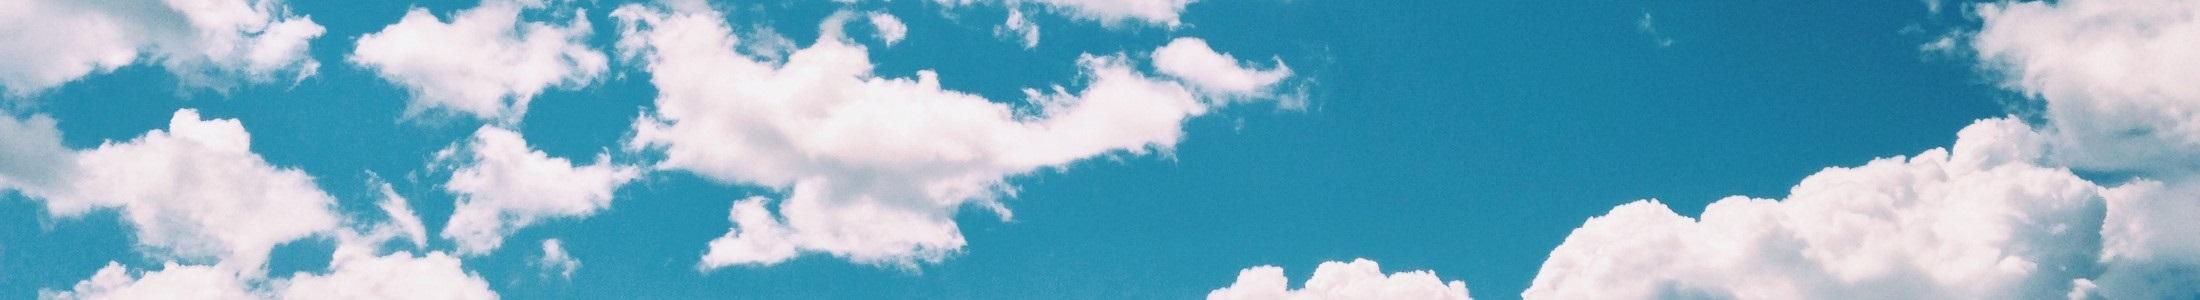 Document Management Cloud